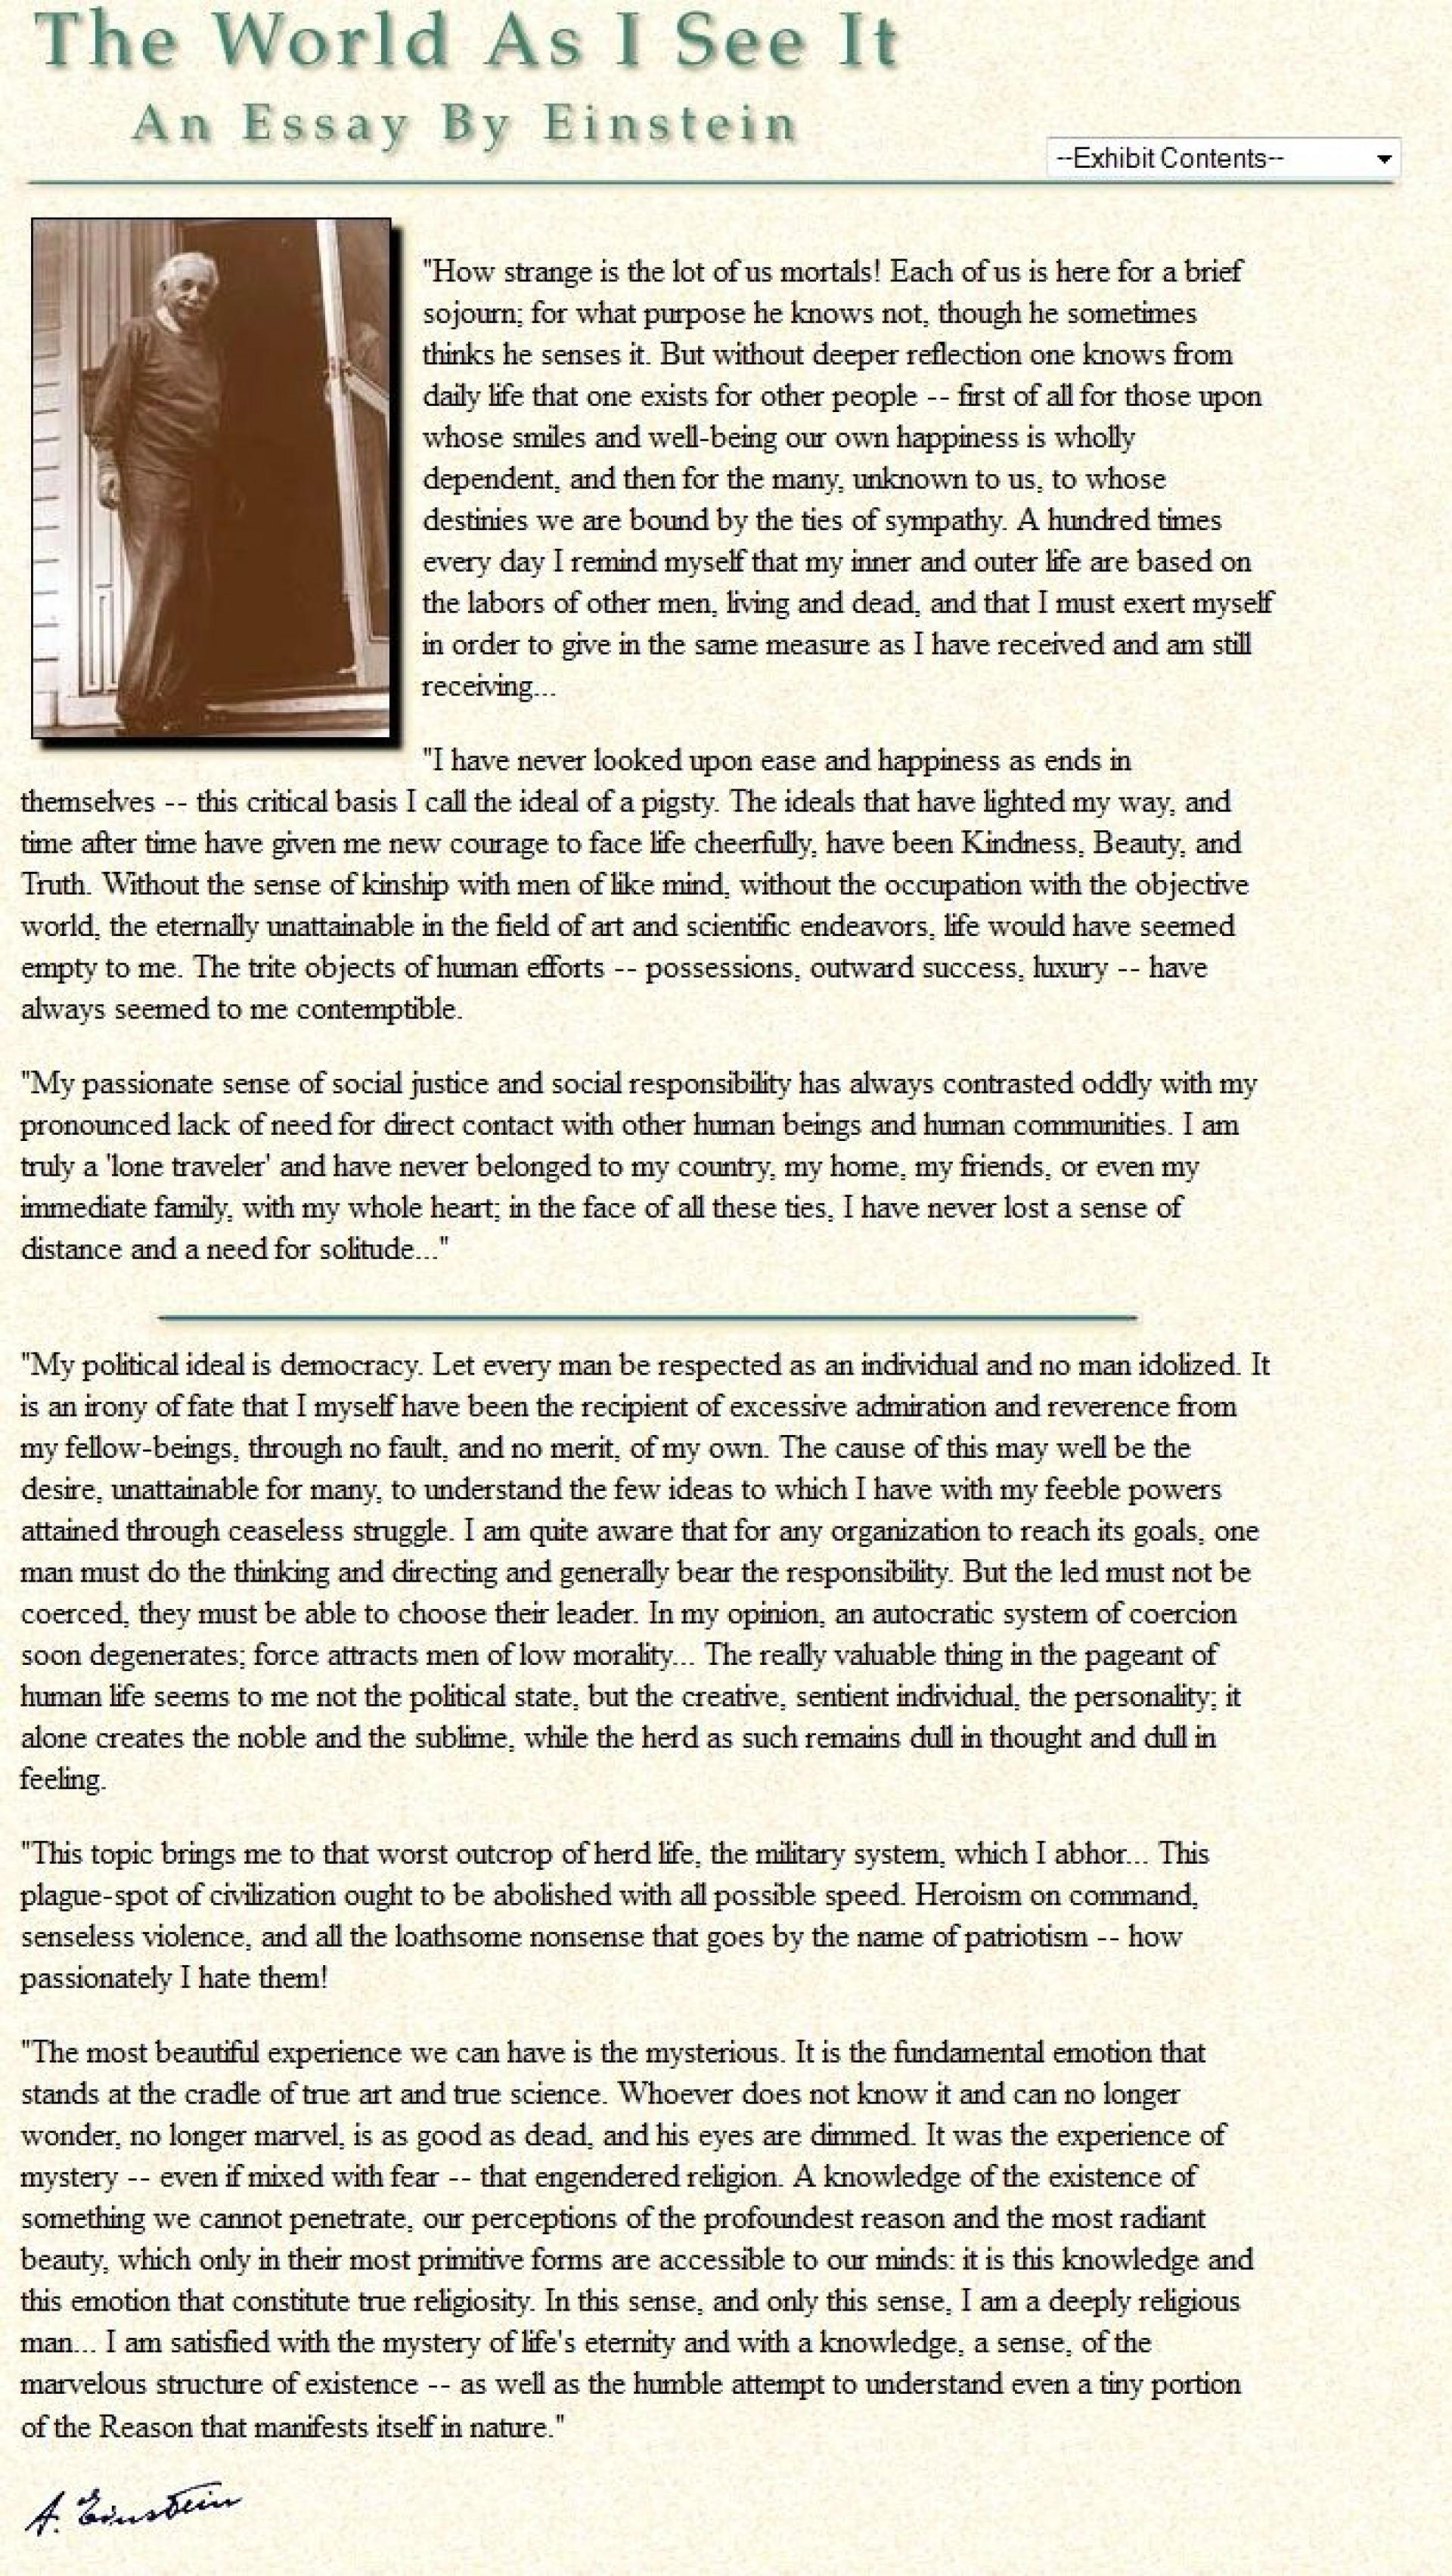 006 Albert Einstein Essay Awesome Essays In Humanism Pdf Science Kannada 1920